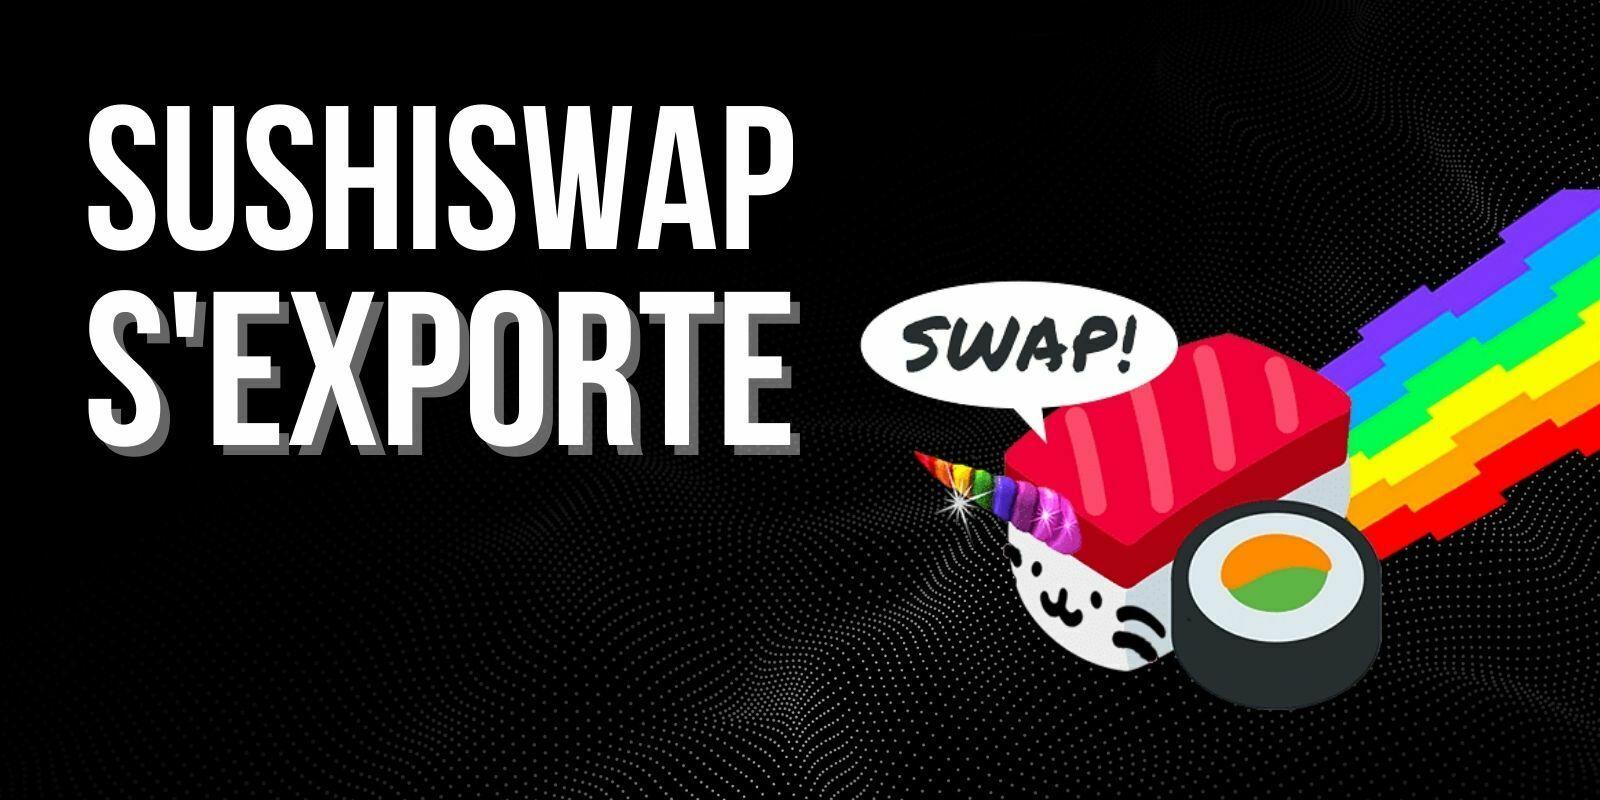 SushiSwap s'exporte sur 5 nouveaux réseaux, dont Binance Smart Chain et Fantom